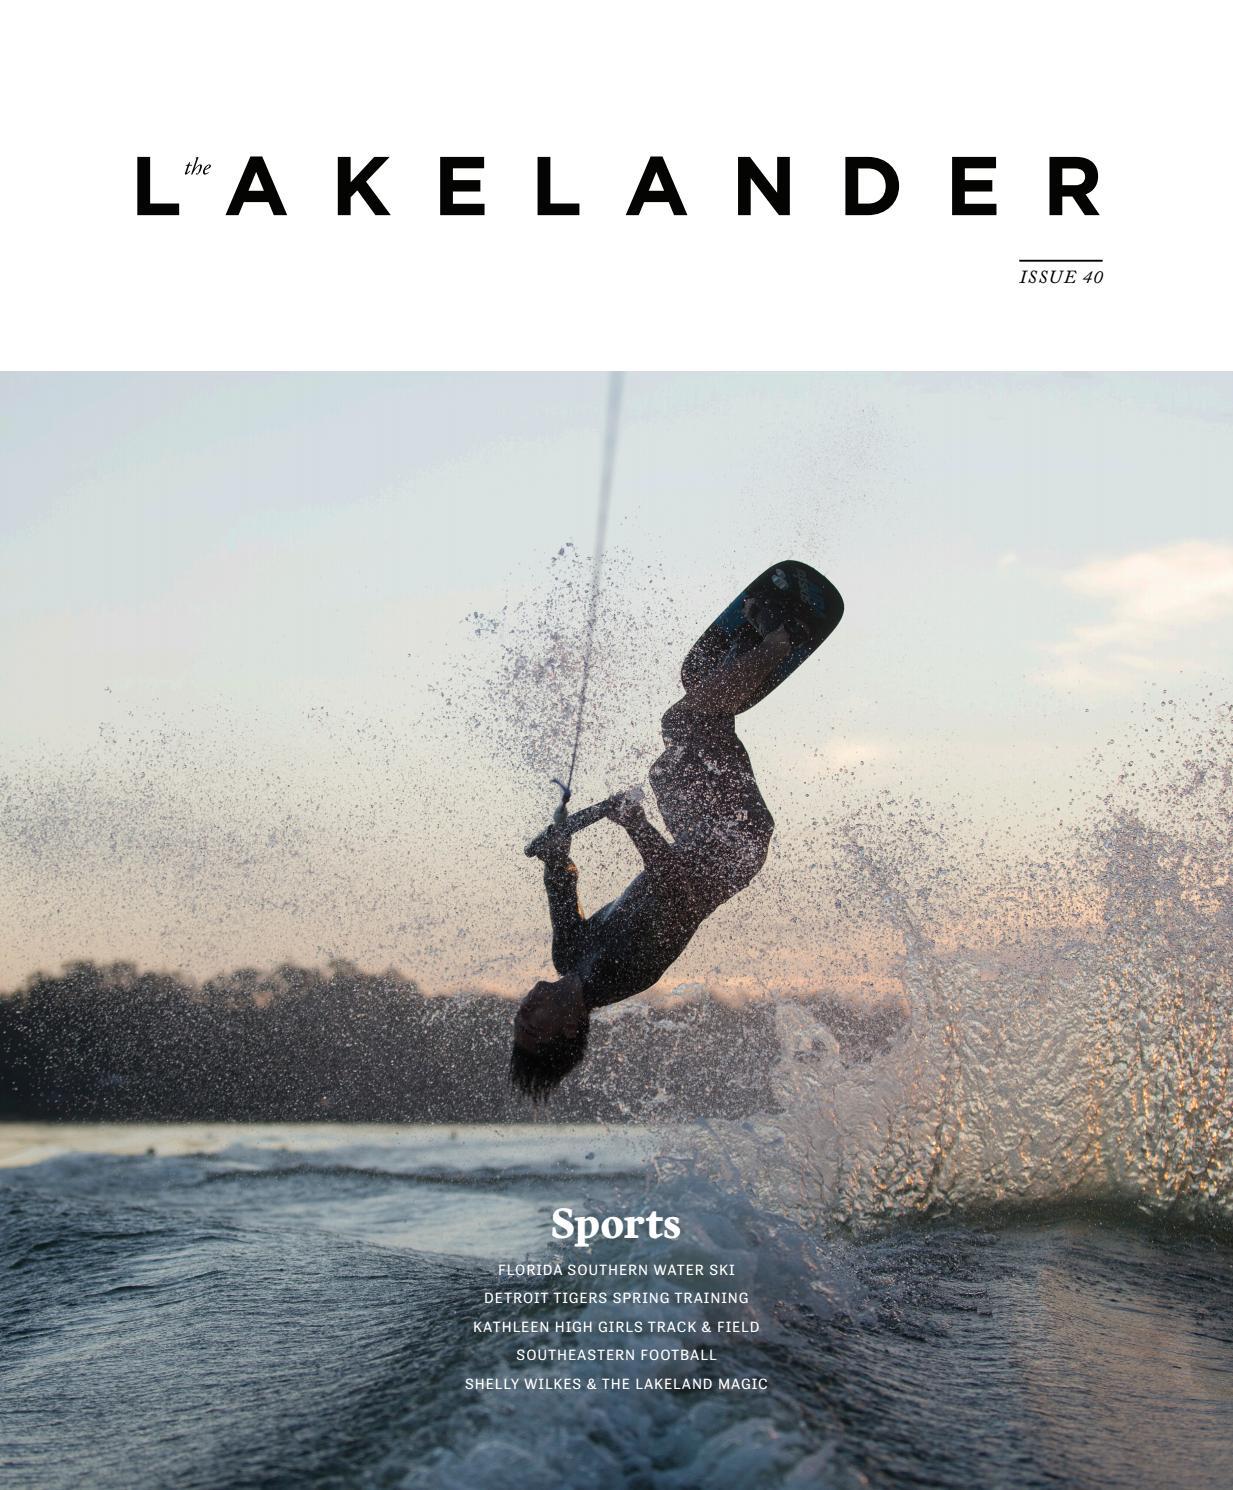 The Lakelander - Issue 40 by The Lakelander - issuu